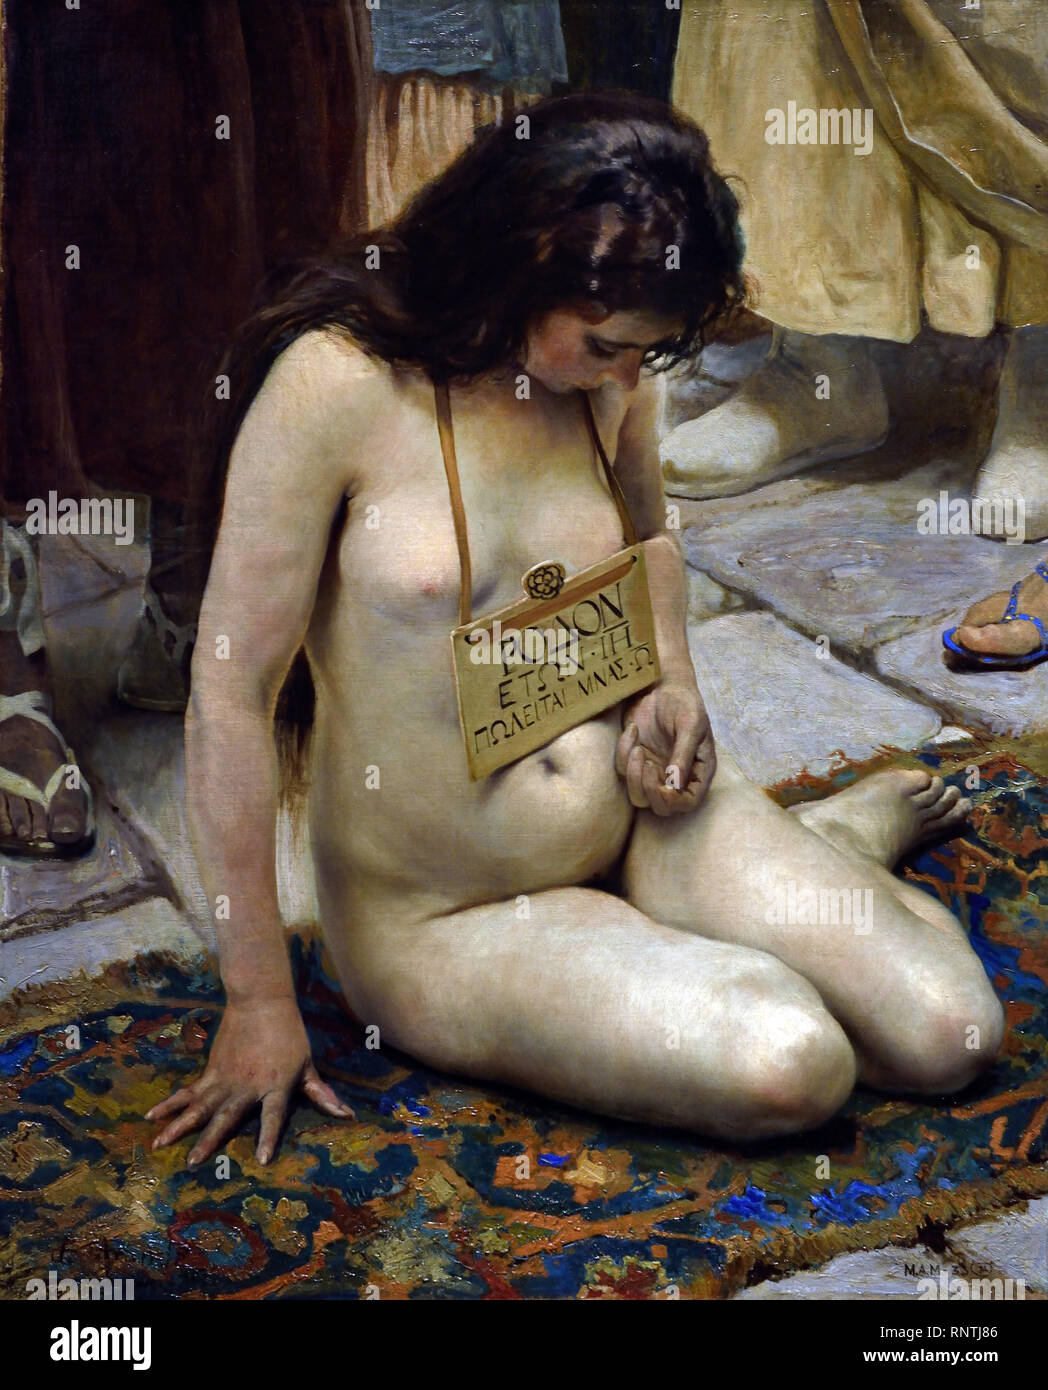 Slave Girl Photo